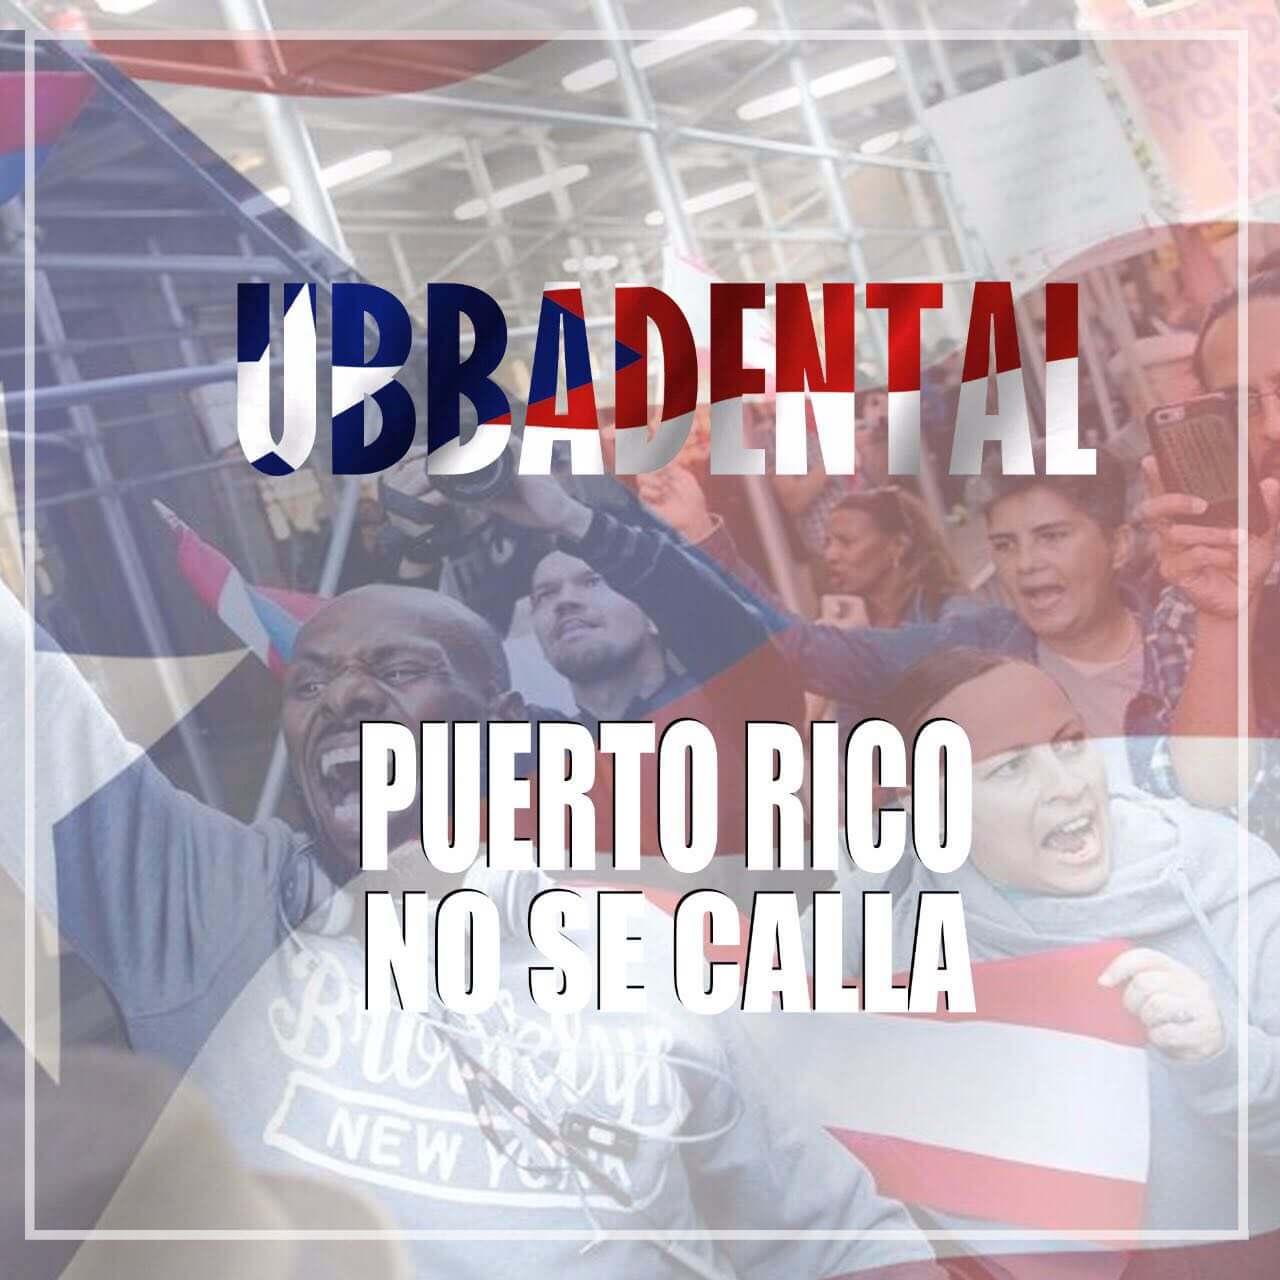 1bsMEX6 - Ubbadental - Puerto Rico No Se Calla